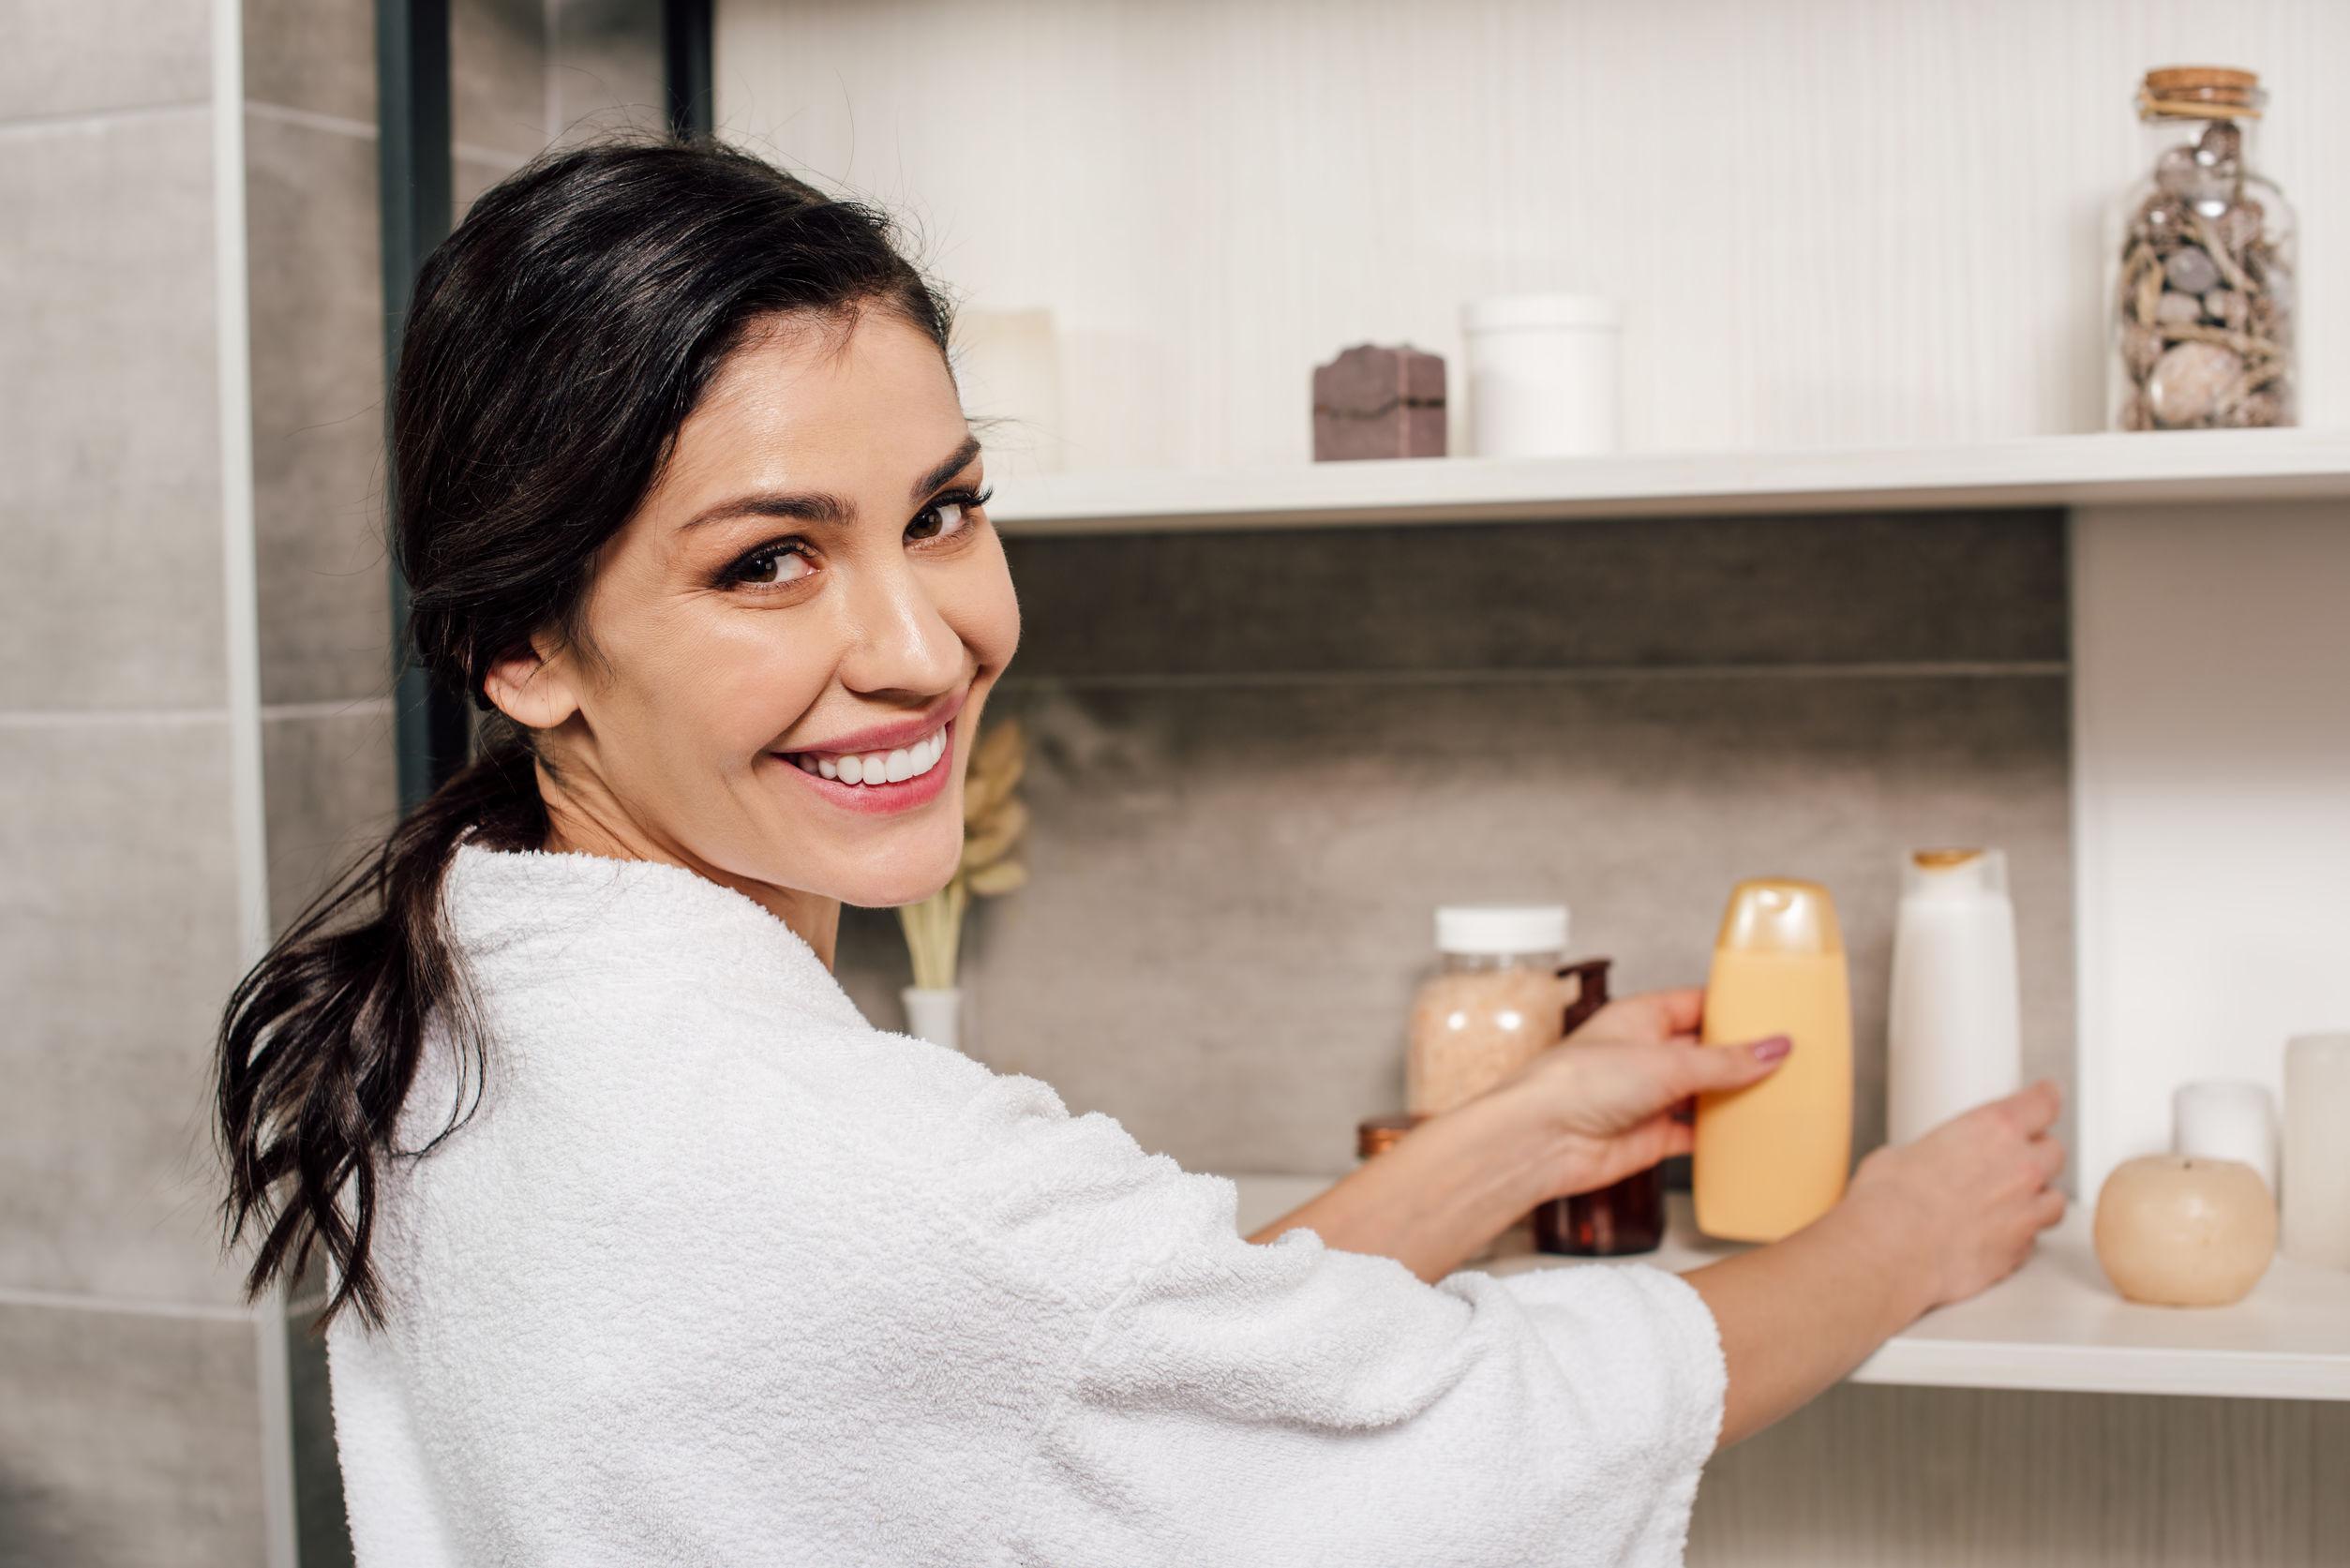 Imagem de uma mulher organizando cosméticos em uma prateleira.